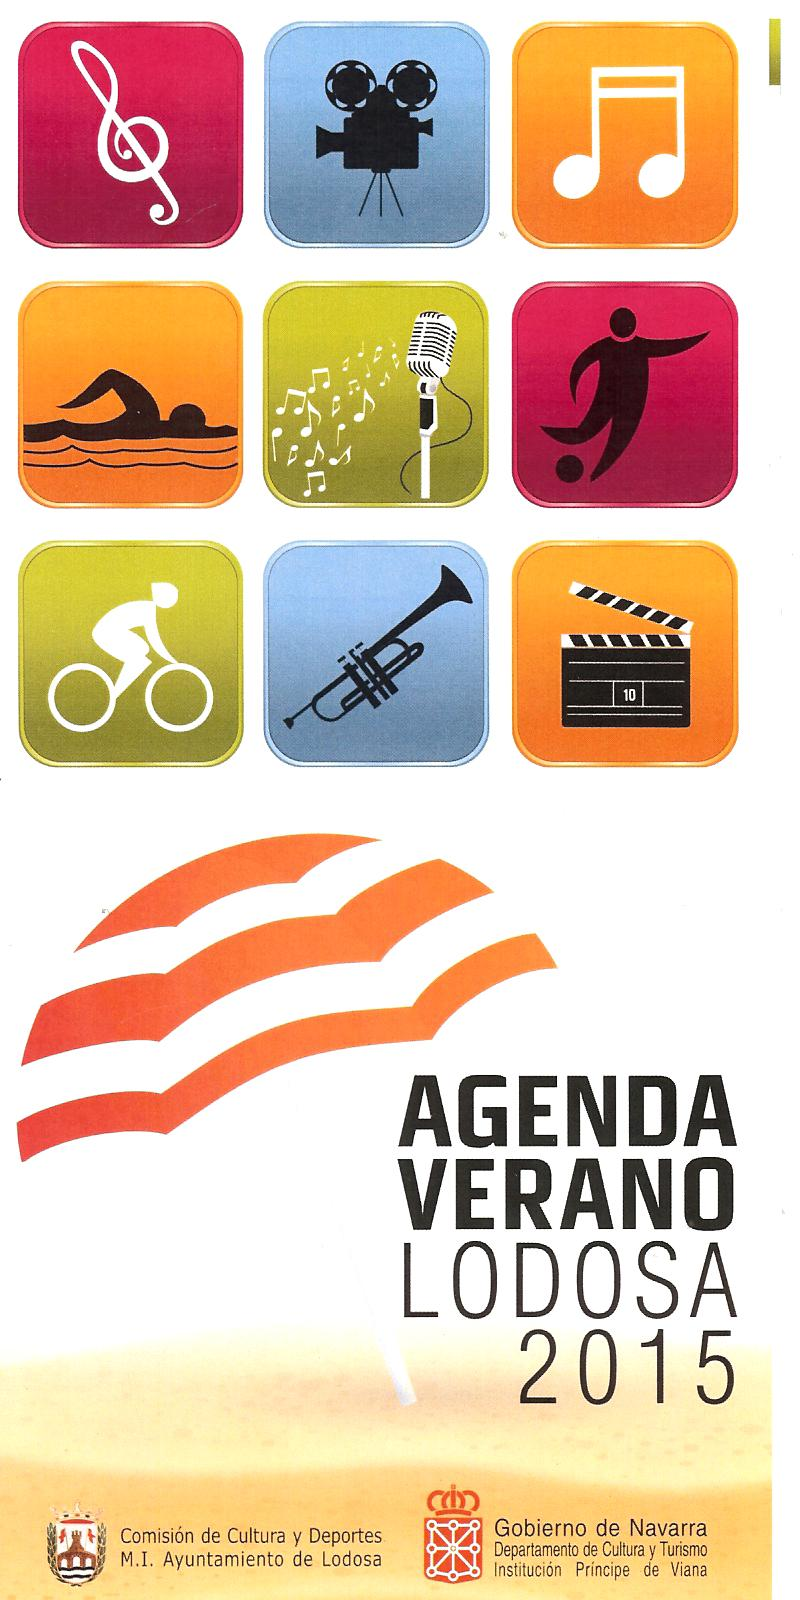 Agenda verano 2015 caratula